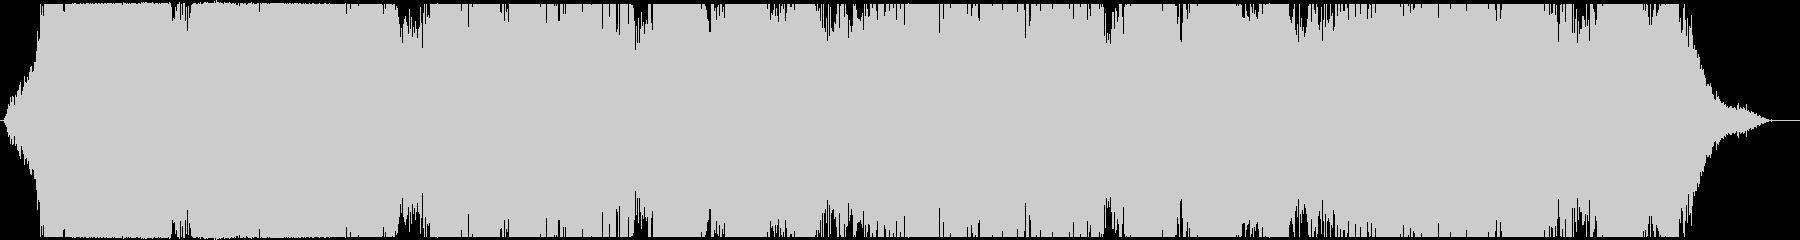 ドローン ムービングエアハイ03の未再生の波形